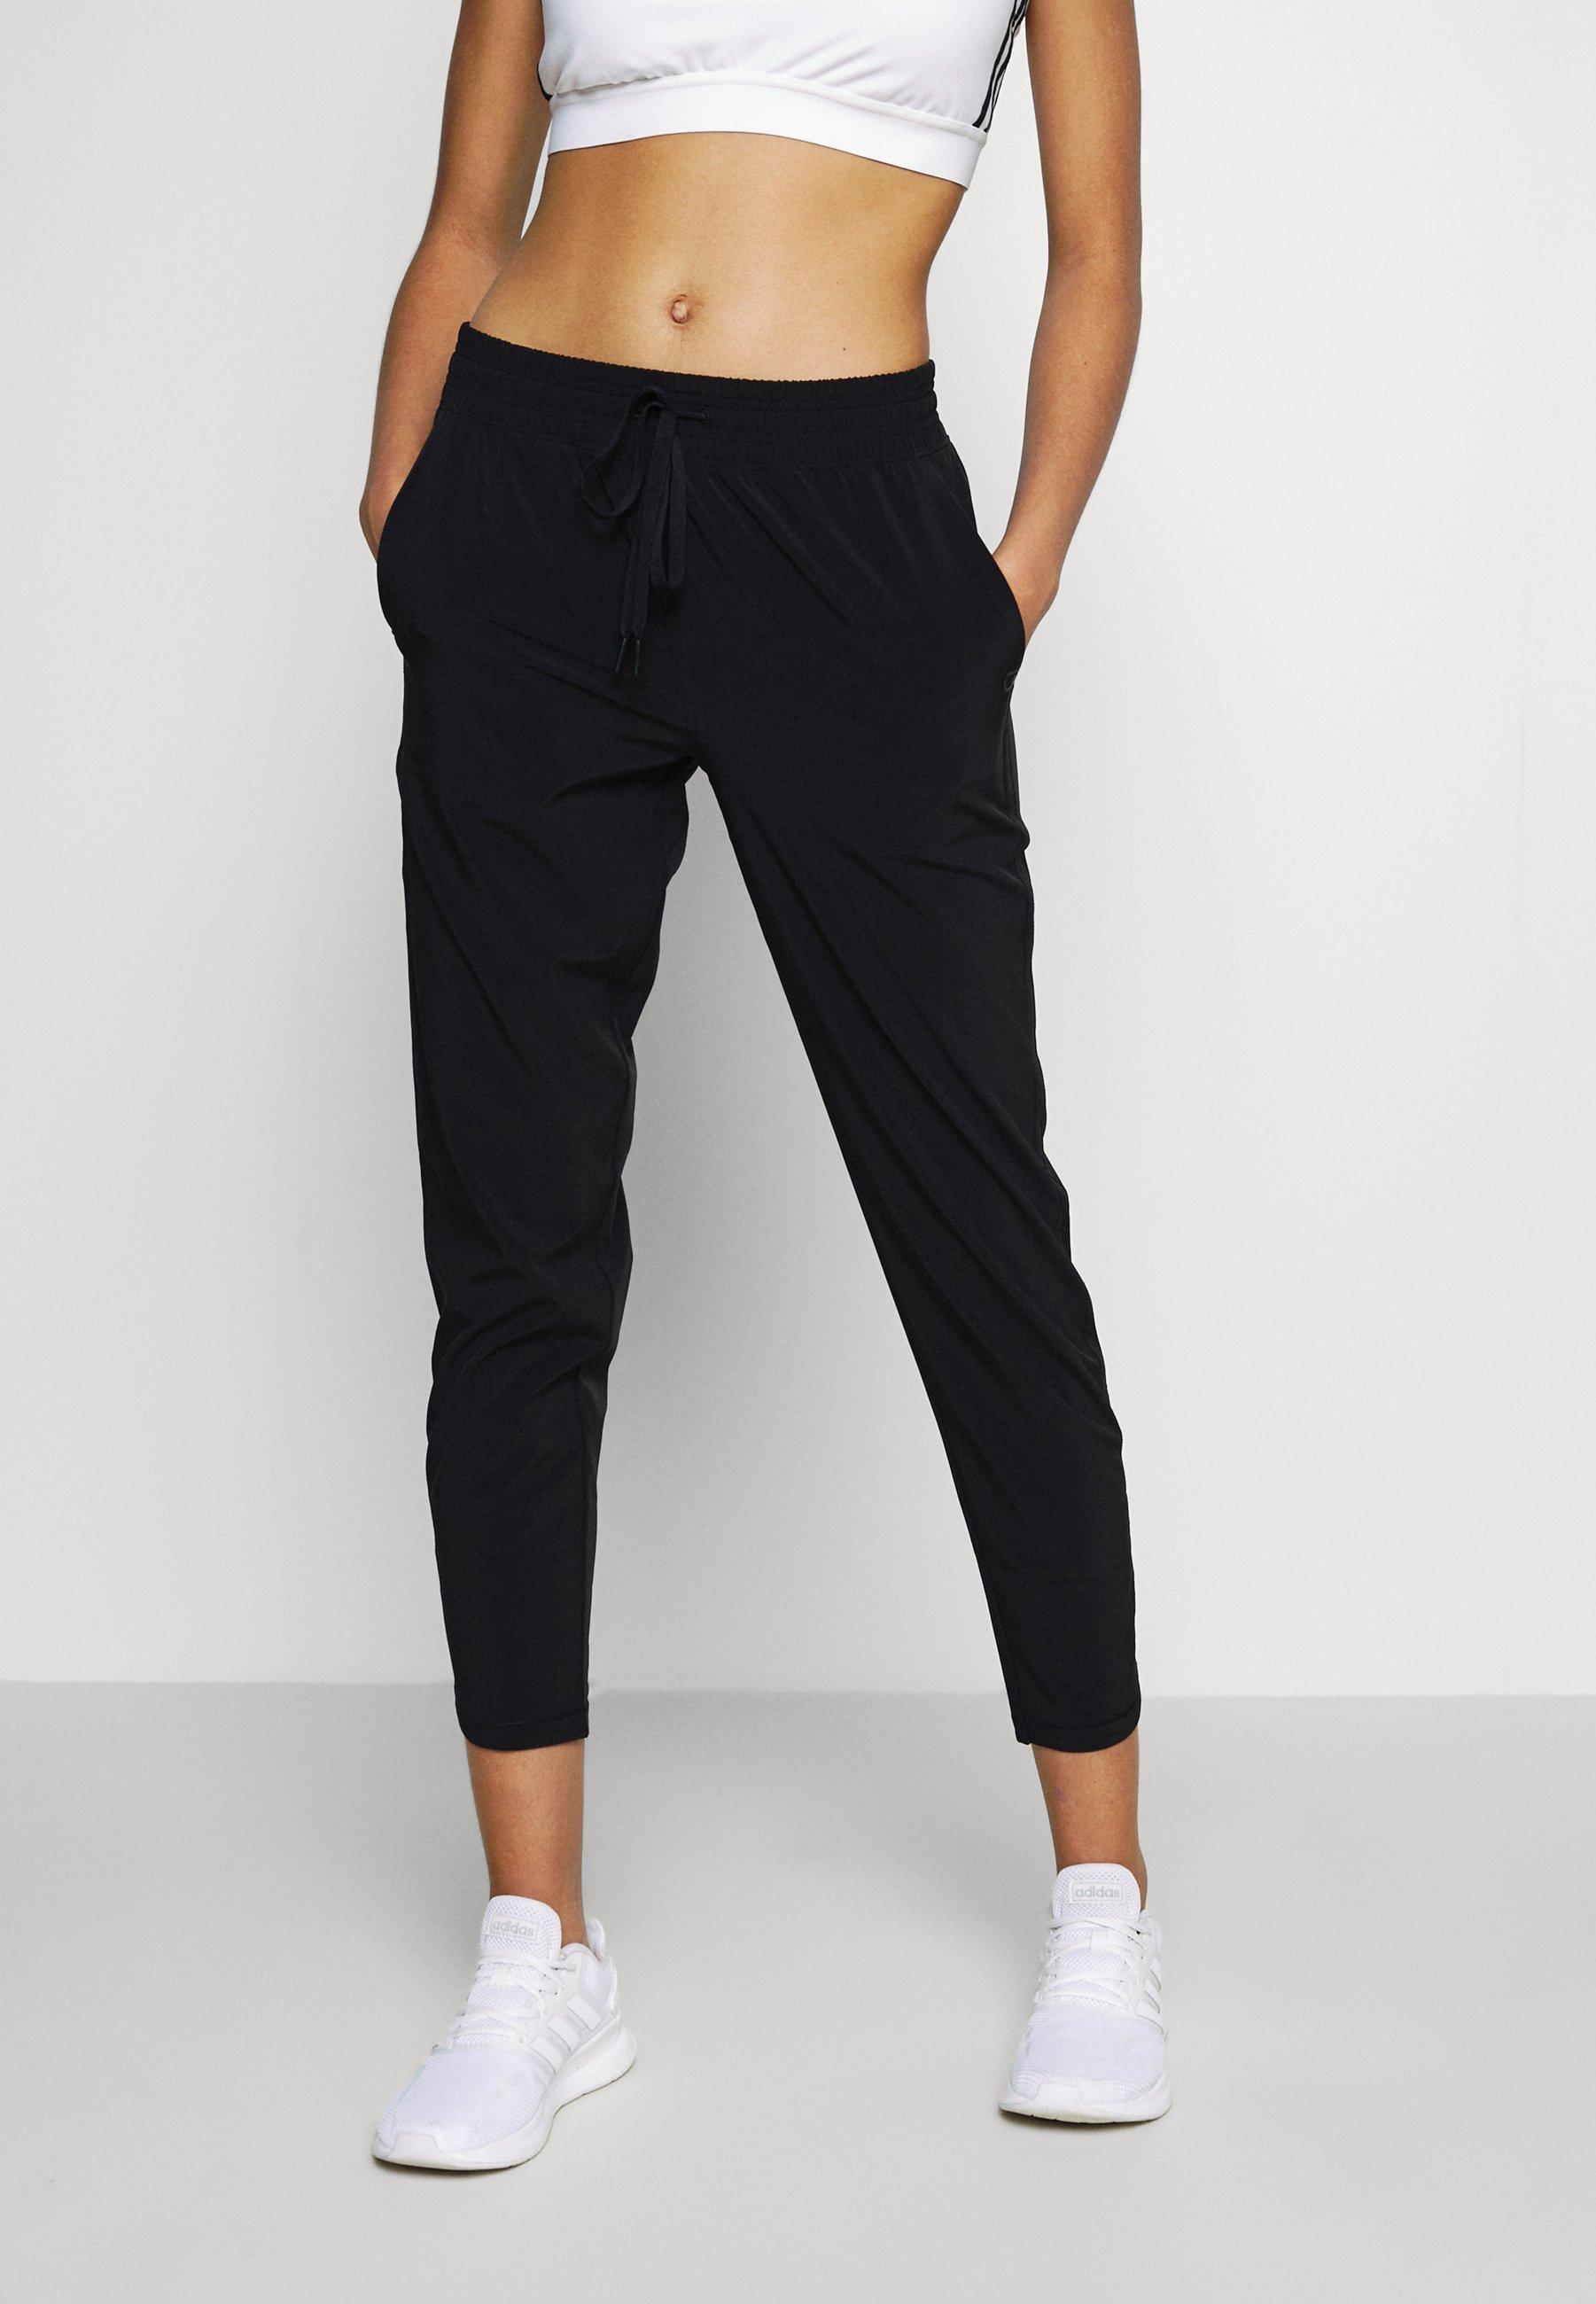 Femme TAPERED PANT - Pantalon de survêtement